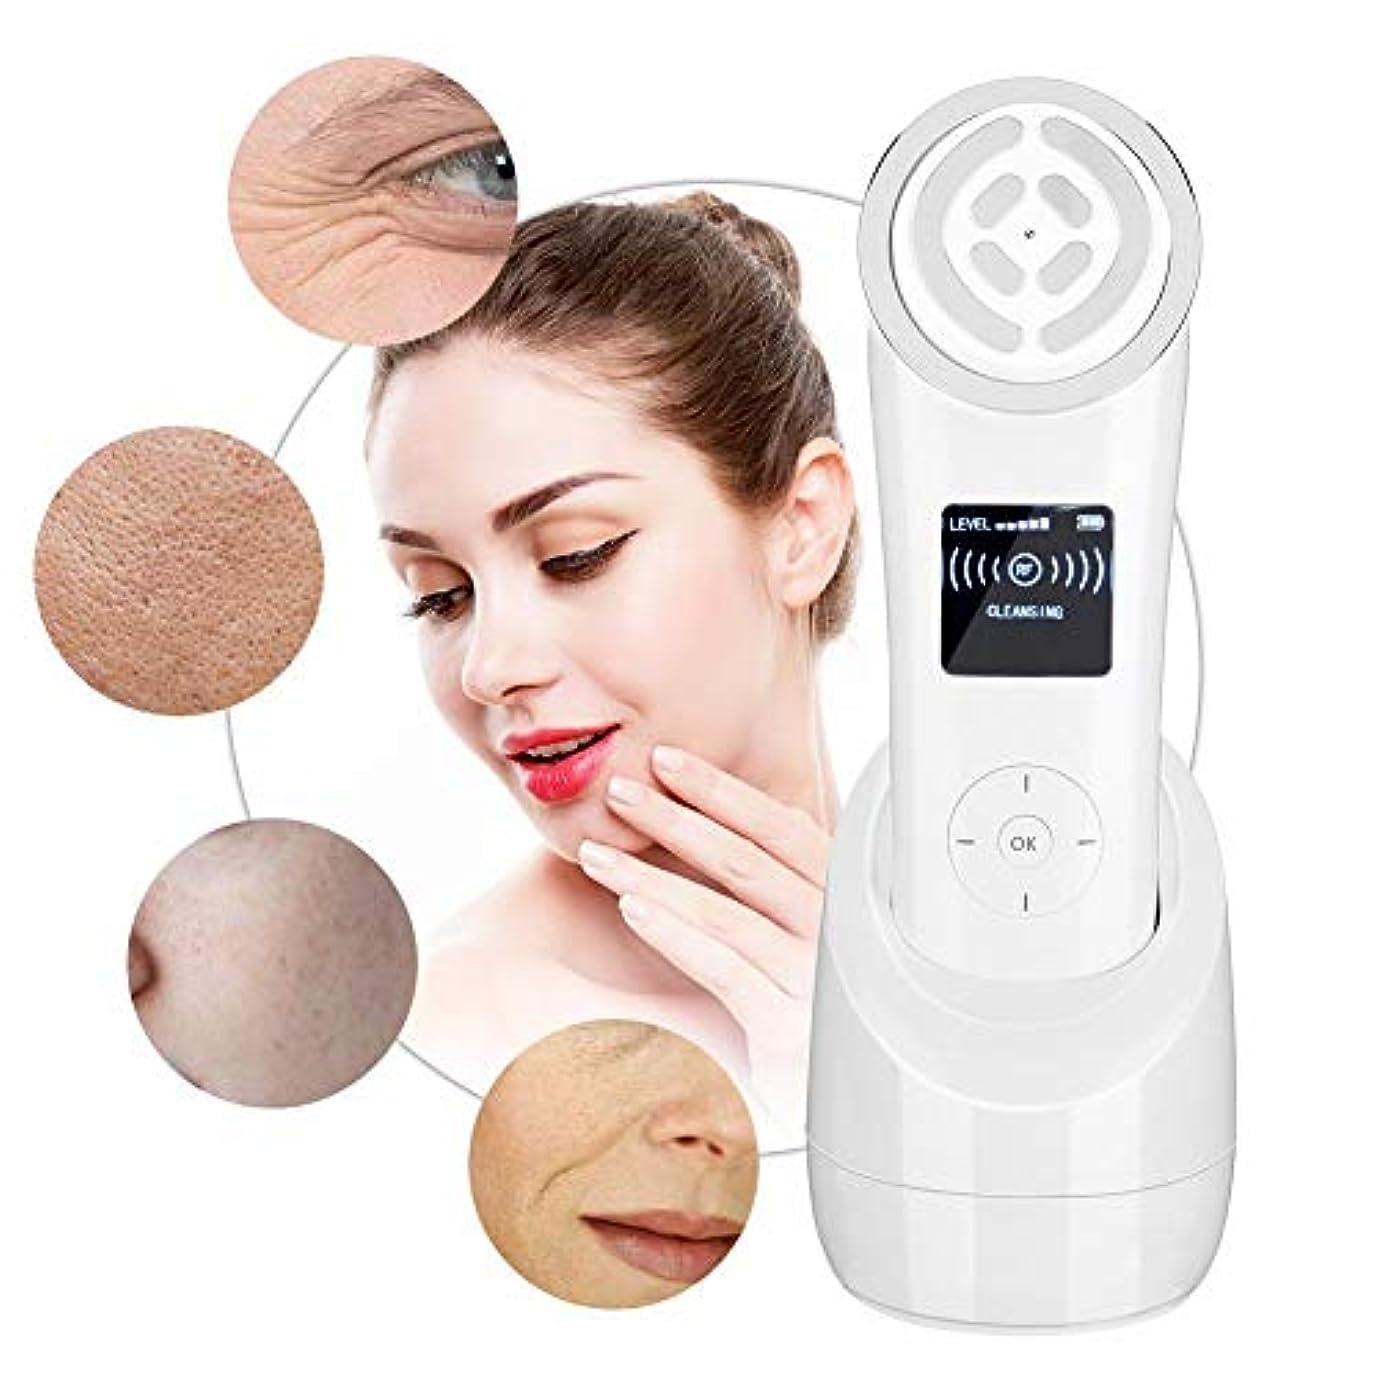 許可セブン極地顔の美しさのマシン - RF周波数アンチエイジングアンチリンクル、肌の若返り楽器 - ポータブル若返り肌がEMS筋肉刺激を強化(UE)